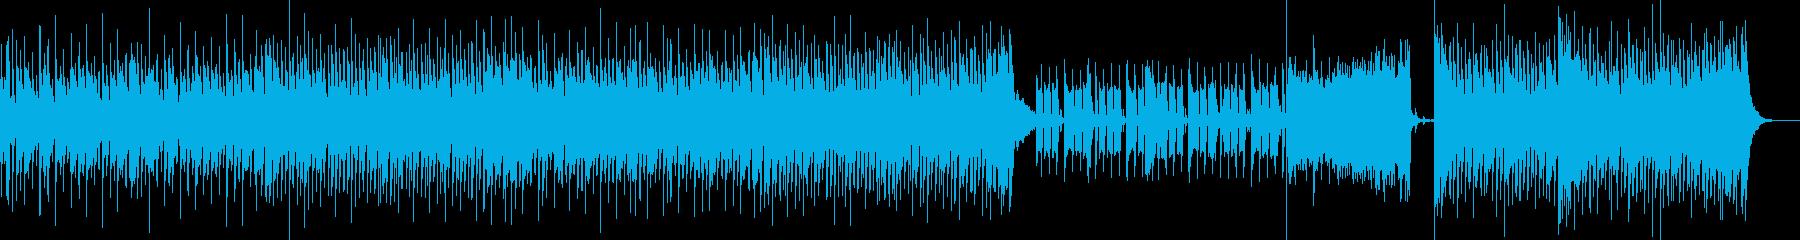 犬好き。キャッチーなピアノフックが...の再生済みの波形